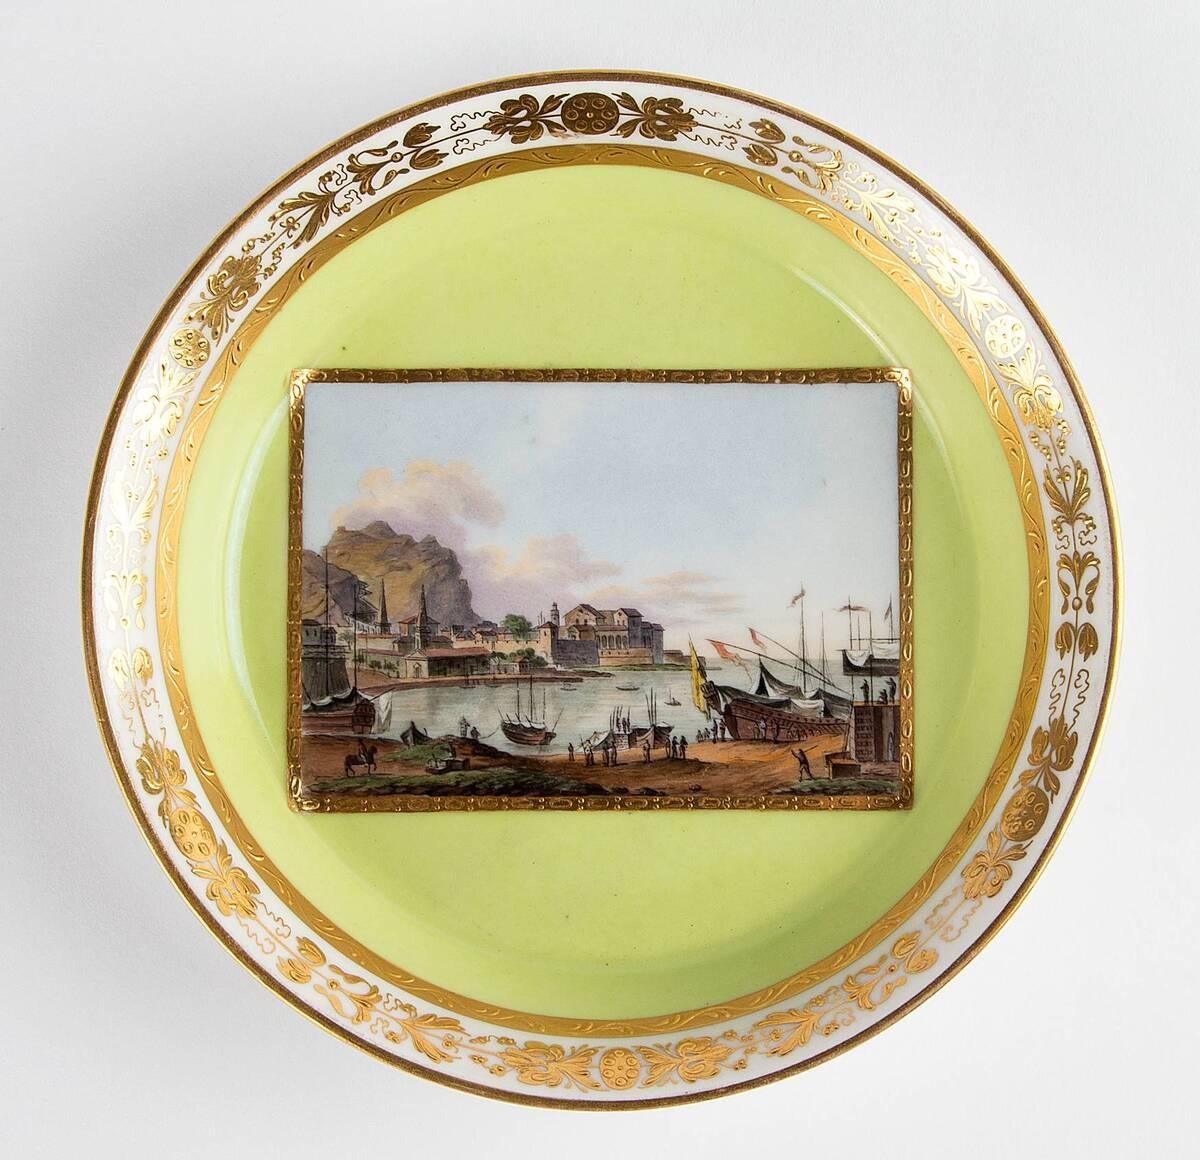 Untertasse von Kaiserliche Porzellanmanufaktur Wien